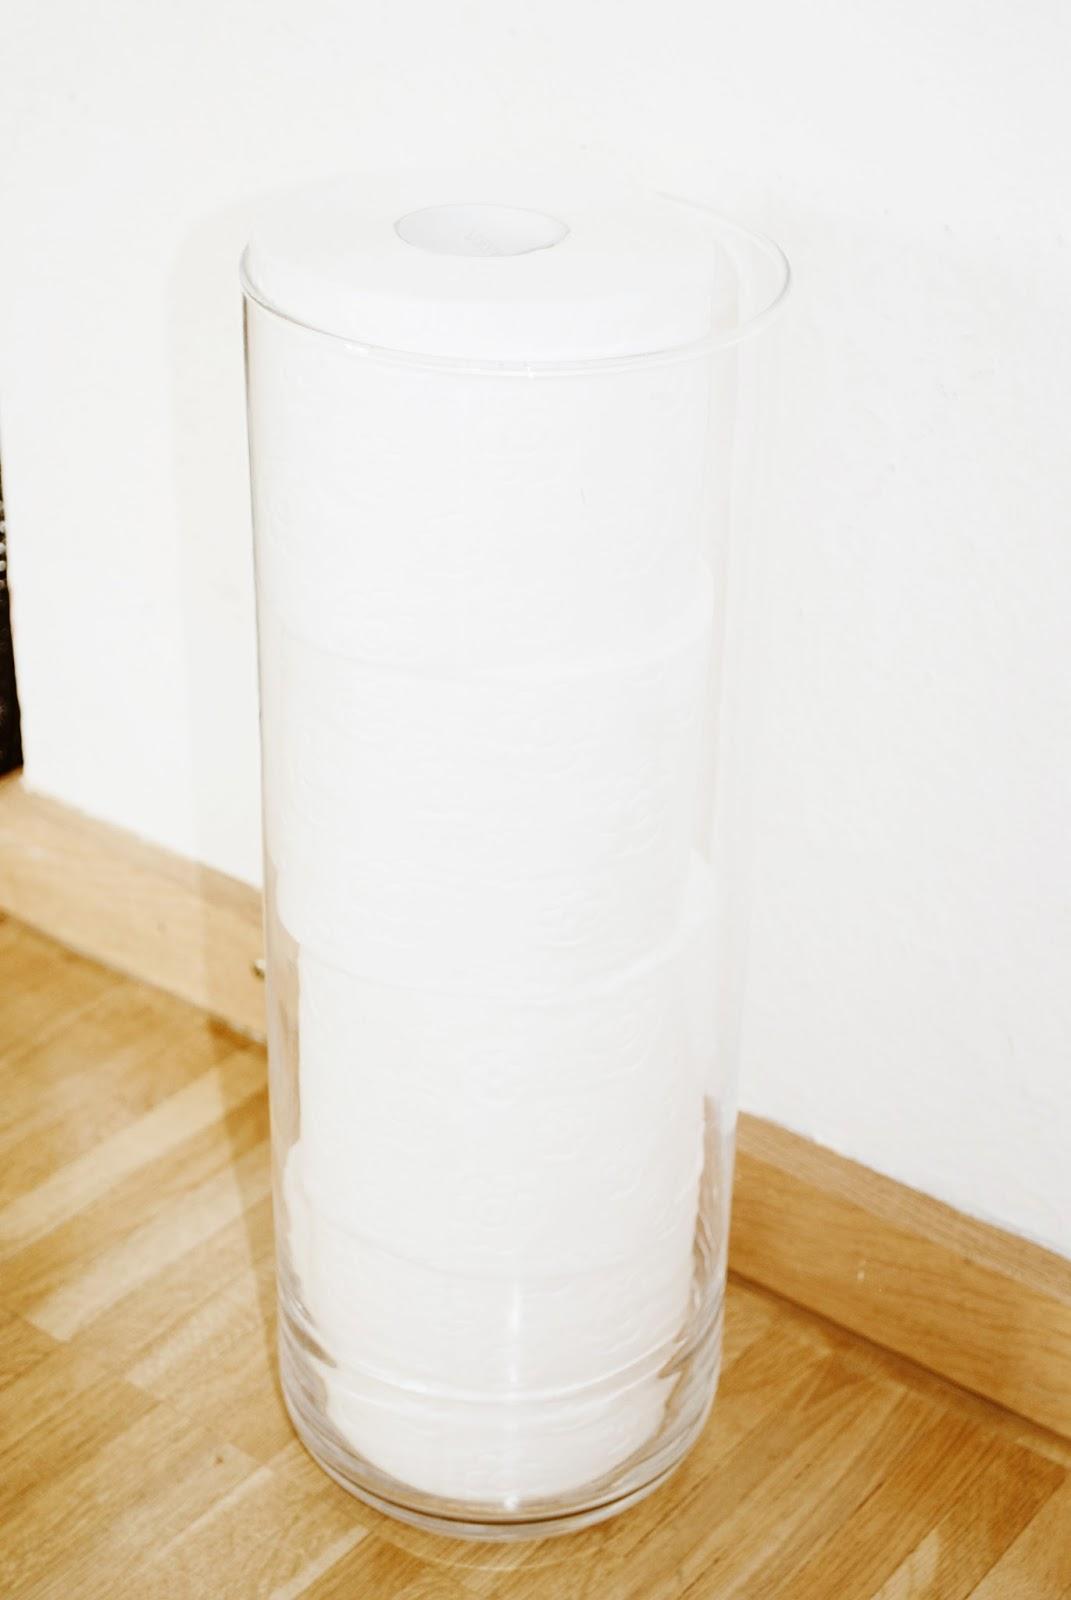 toilettenpapier beh lter aufbewahrung im bad iby lippold haushaltstipps. Black Bedroom Furniture Sets. Home Design Ideas